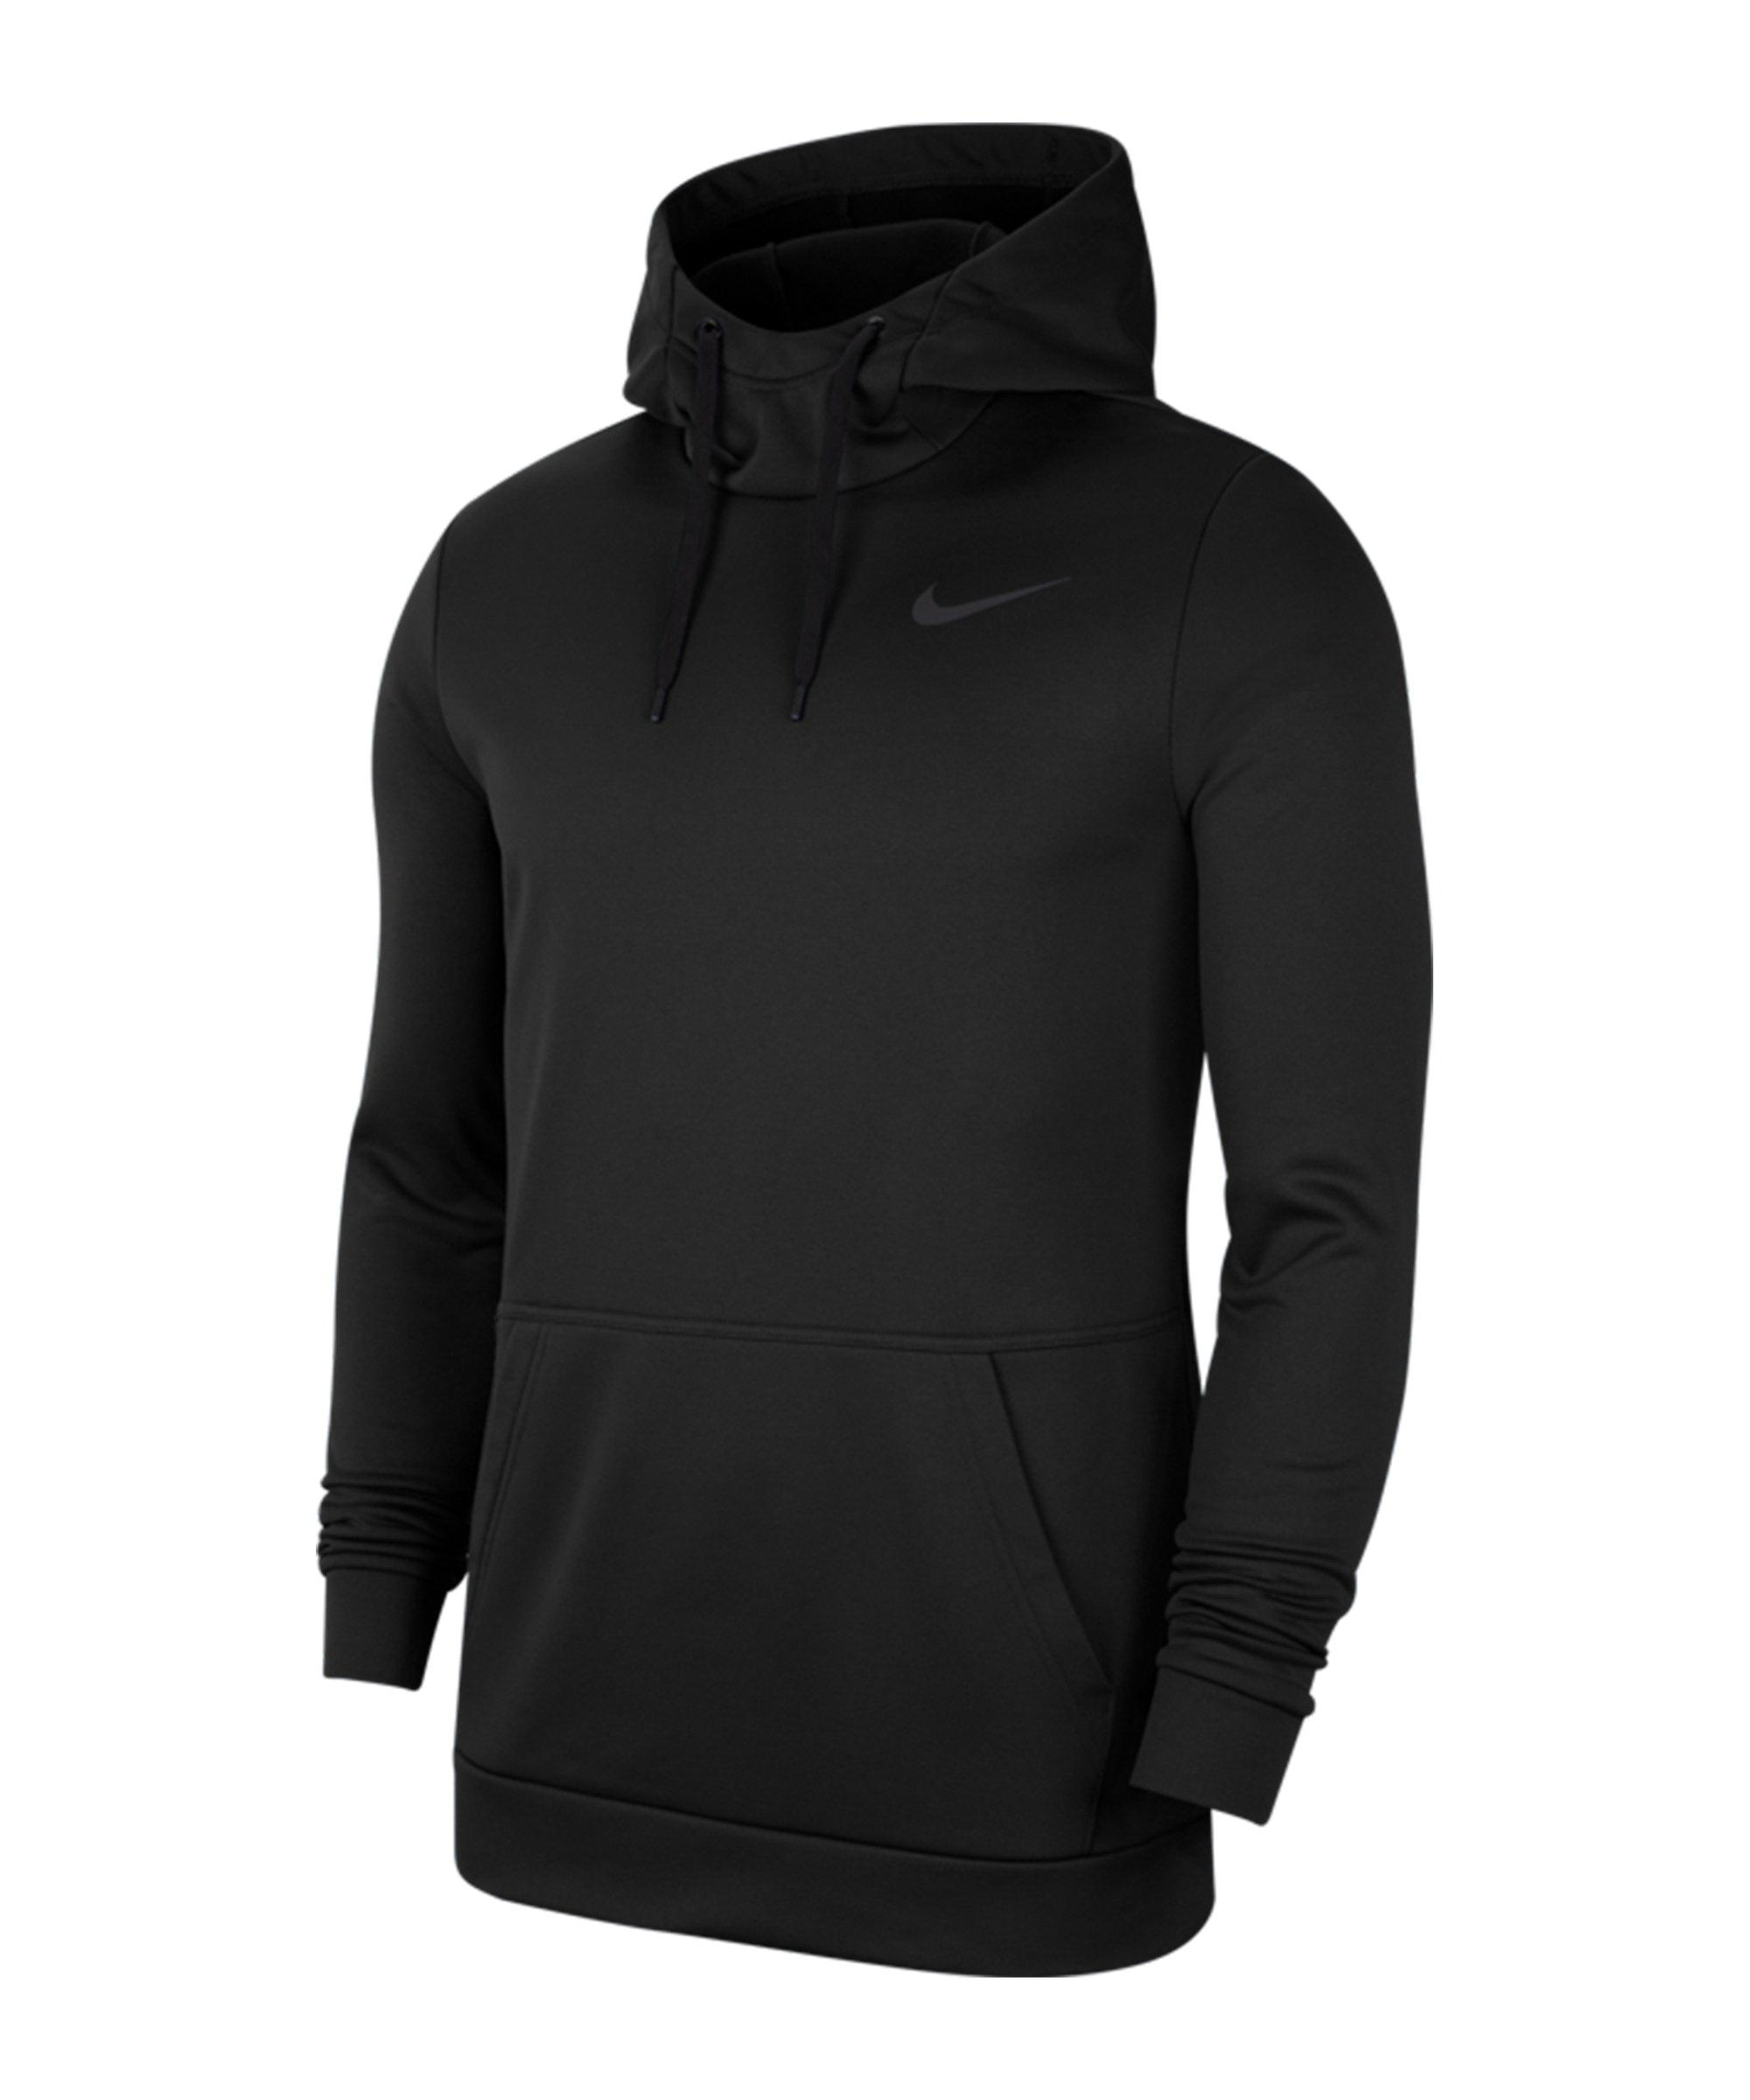 Nike Therma Hoody Schwarz F010 - schwarz